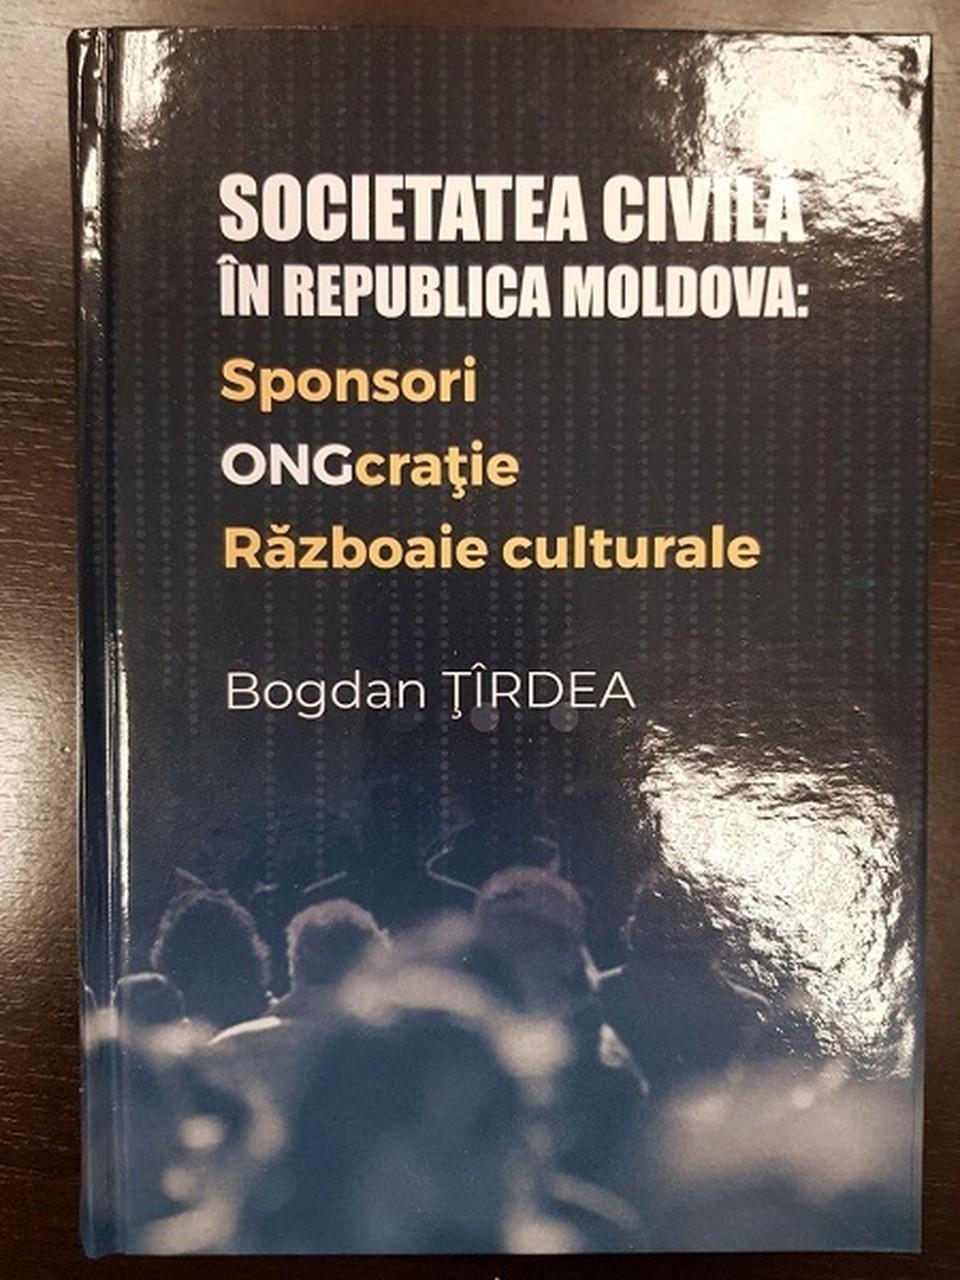 Хотели открытости – получите: Почему автора книги об НПО Молдовы, которые получают миллионы долларов от Сороса, заклевали в соцсетях